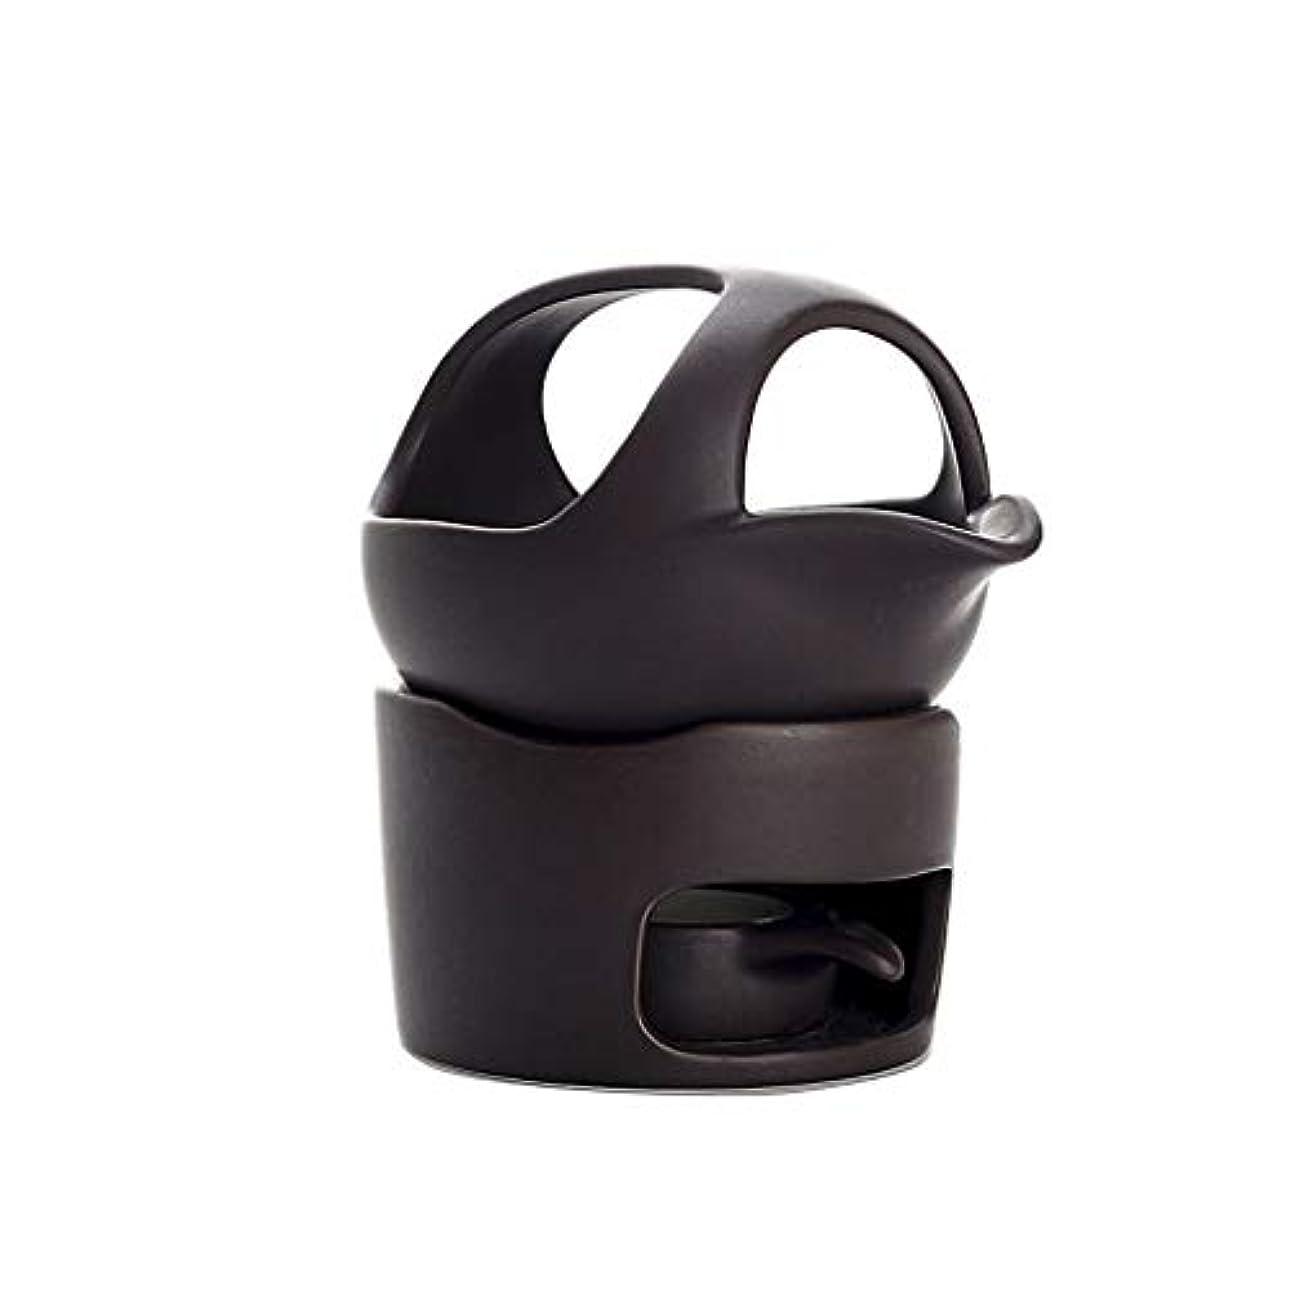 それによって限定調整ホームアロマバーナー セラミックお香バーナースモークティーストーブウェイクアップお茶お香バーナー陶器お茶セットアクセサリーお香ホルダー アロマバーナー (Color : Black, サイズ : 12.5cm)